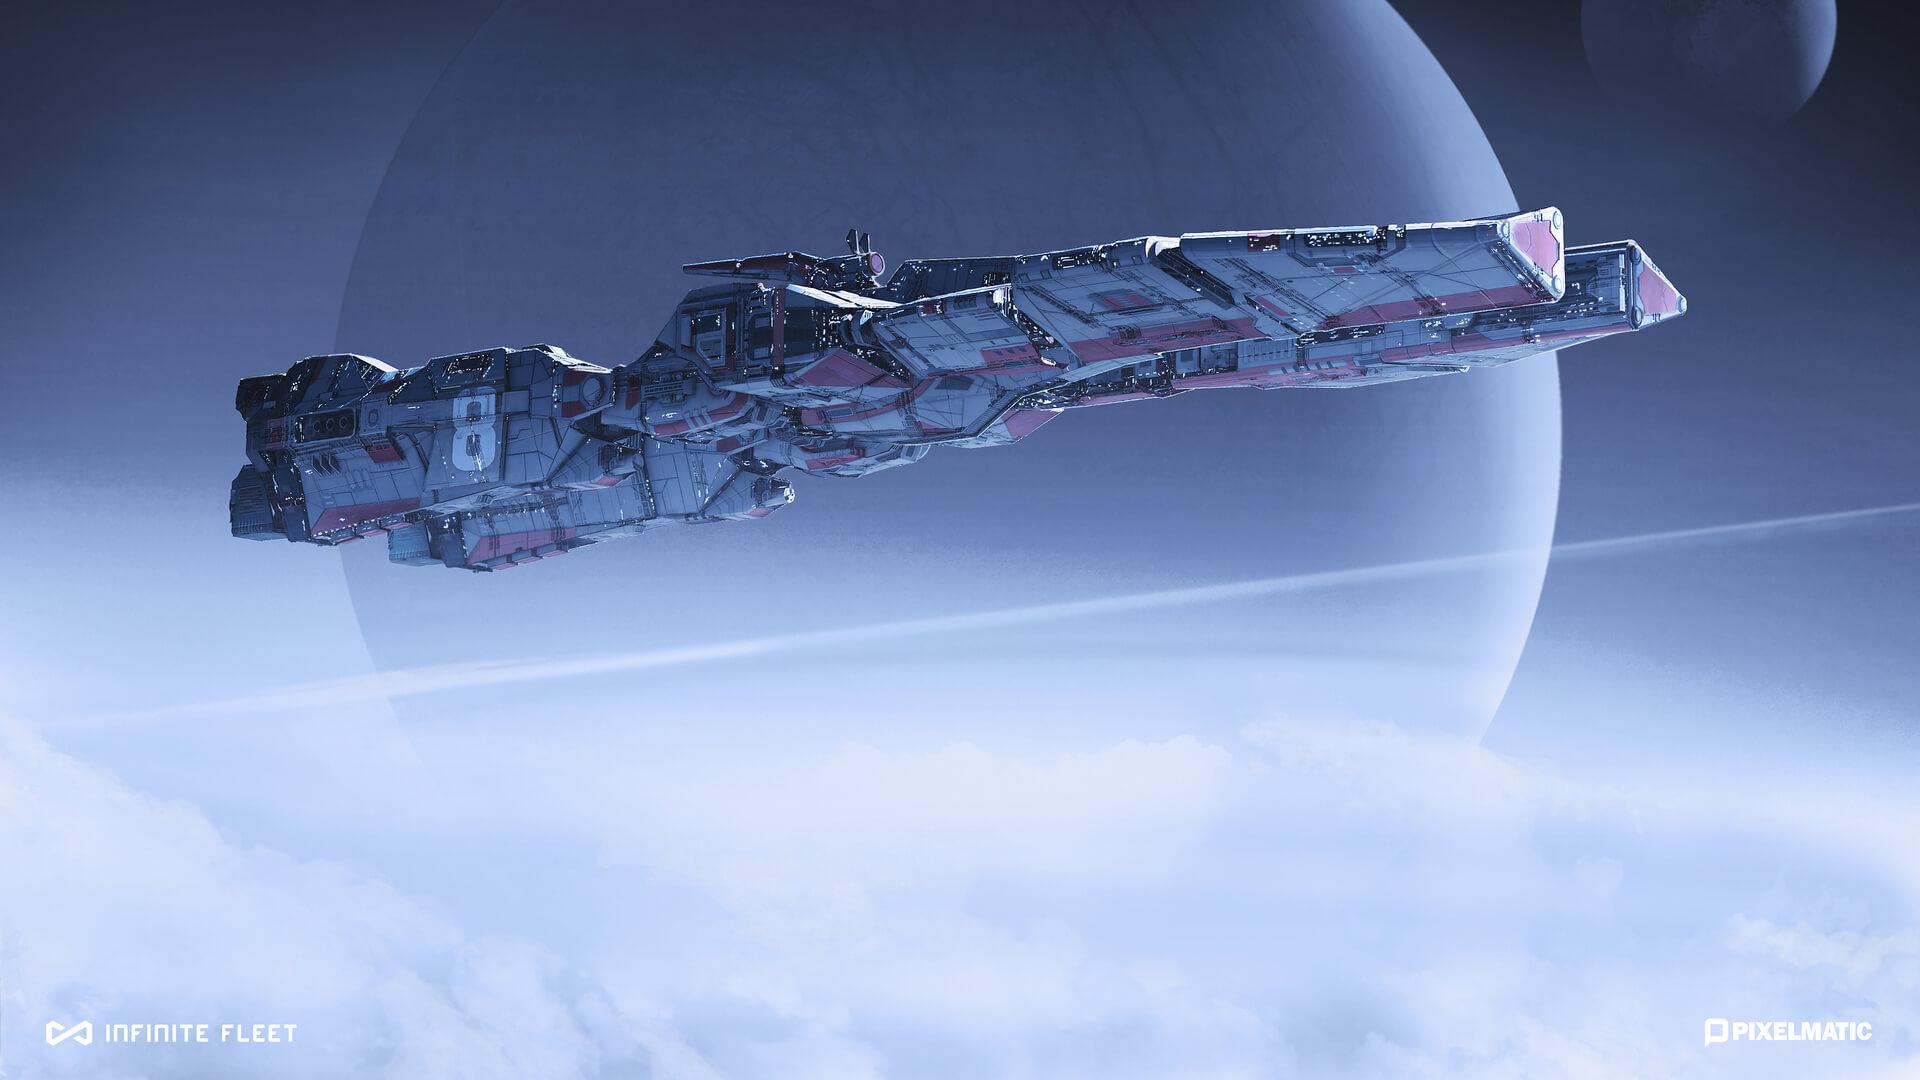 Infinite Fleet